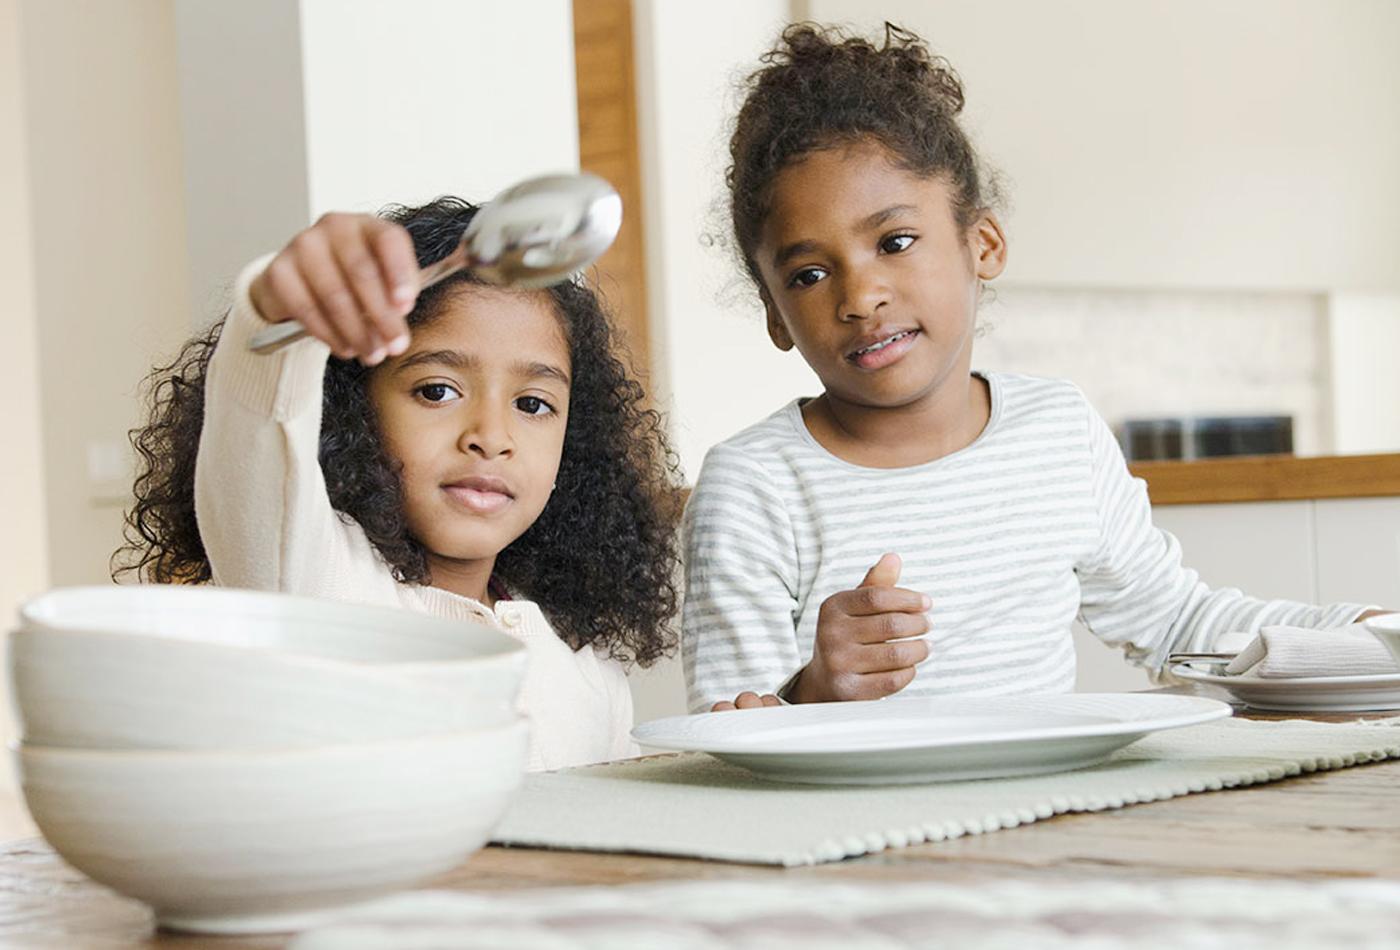 كيف يشارك الطفل تحت 6 سنوات في المهام المنزلية؟